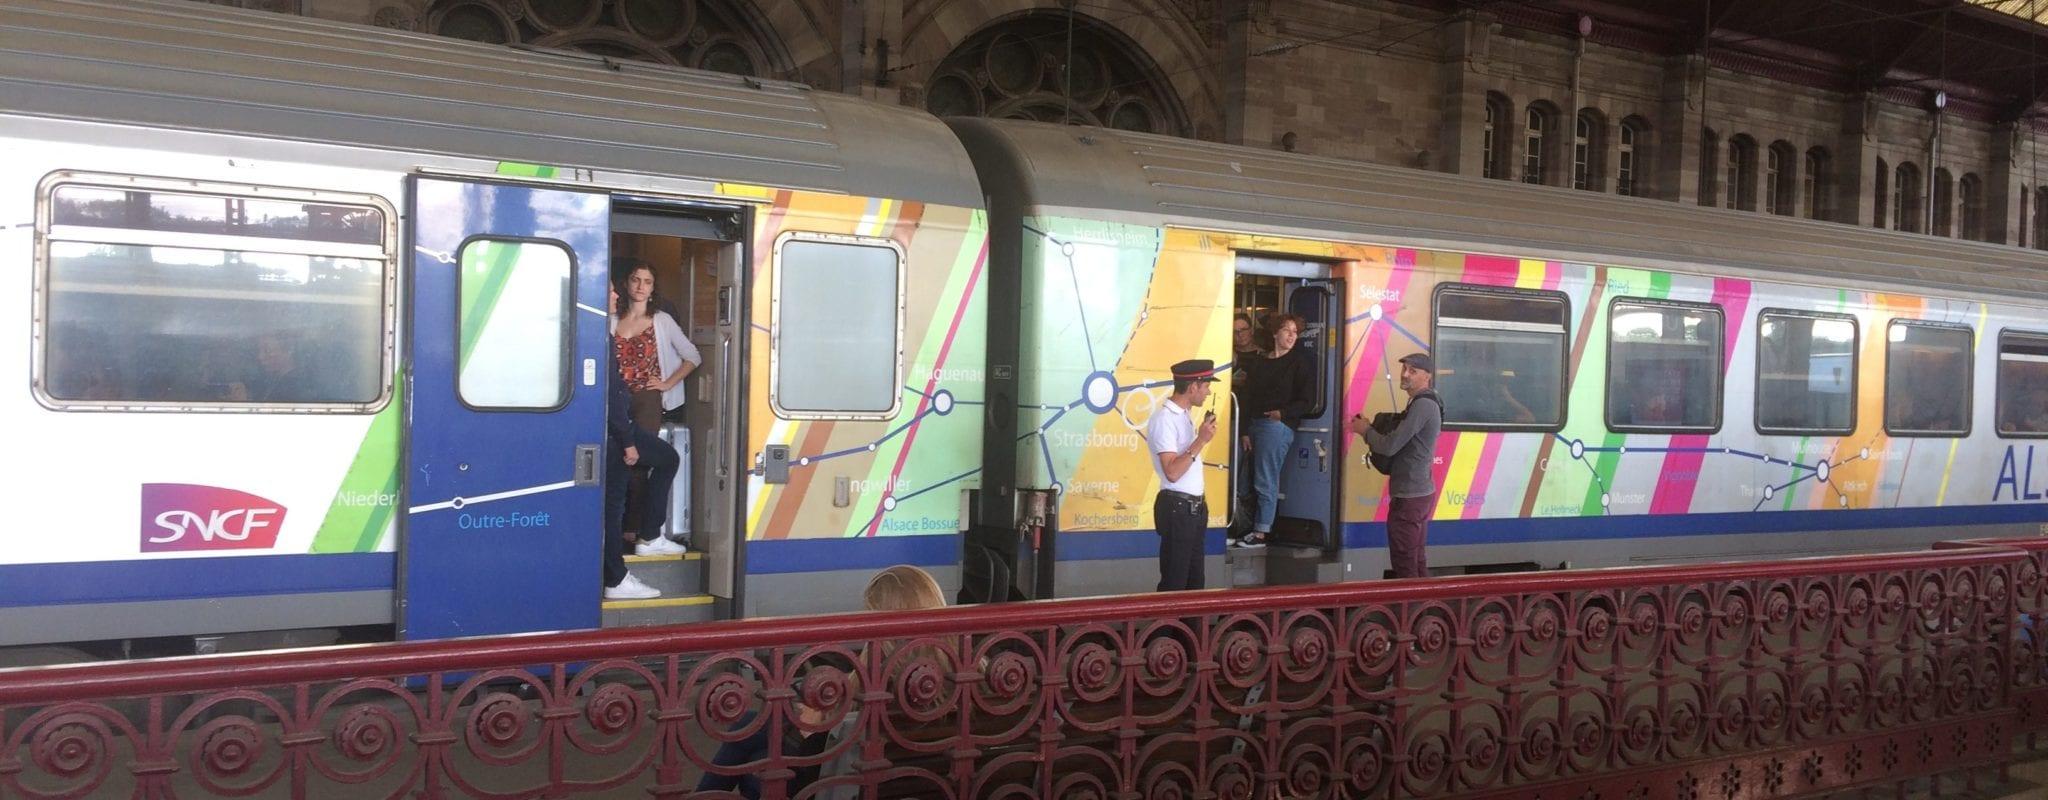 Ivre, il roule à vélo sur les rails et bloque tous les trains à Strasbourg